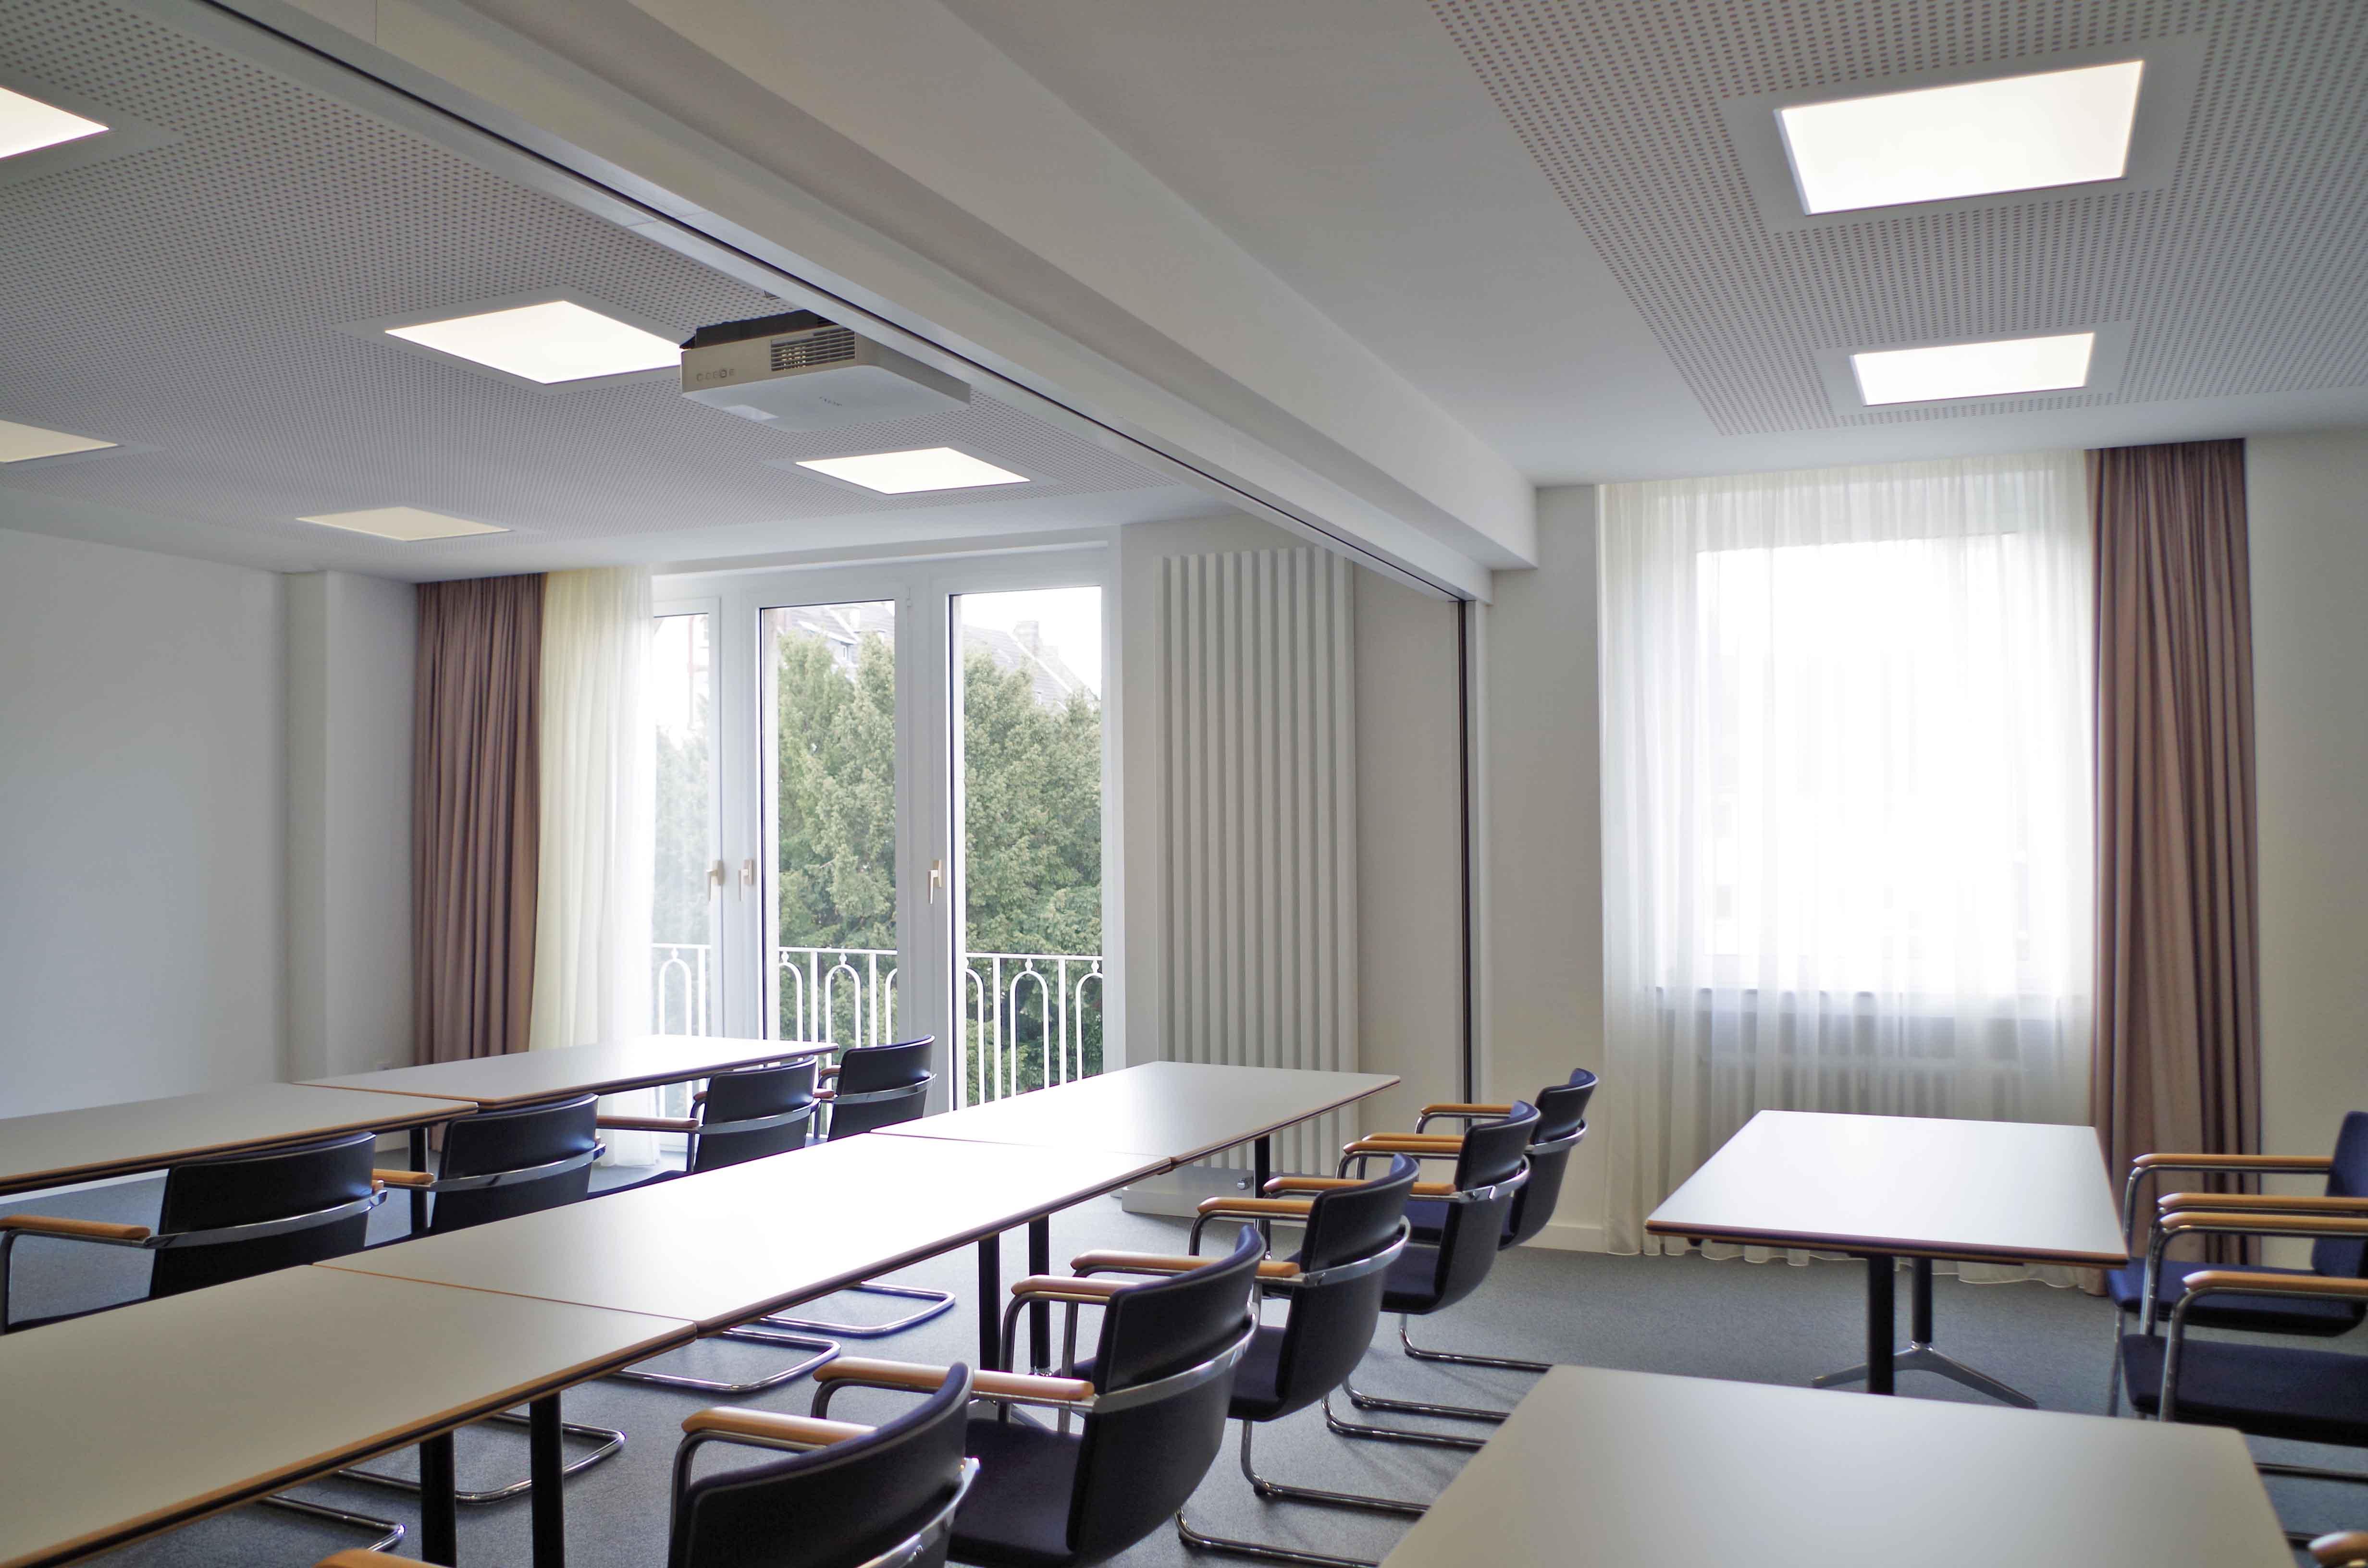 Verwaltungsgebäude_Köln_12.jpg